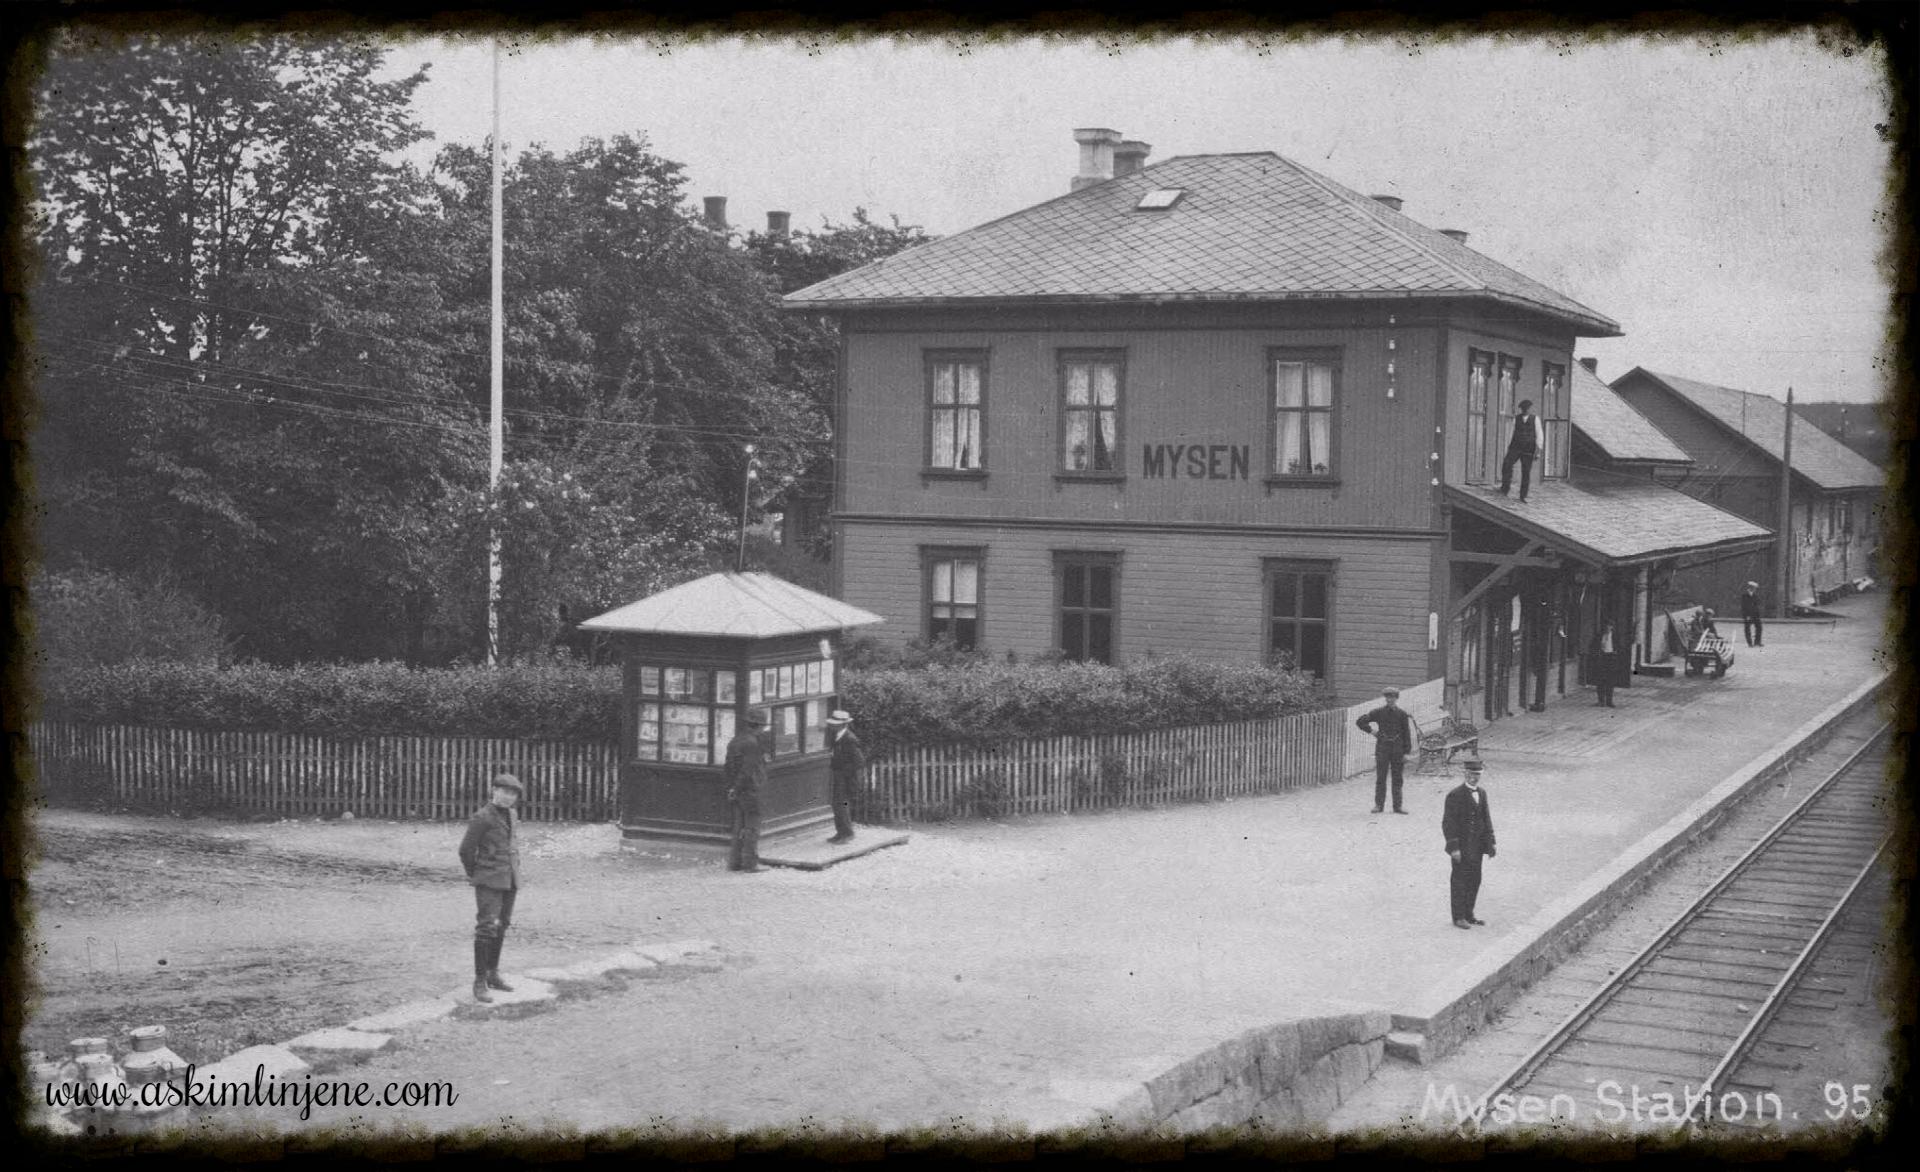 Mysen jernbanestasjon